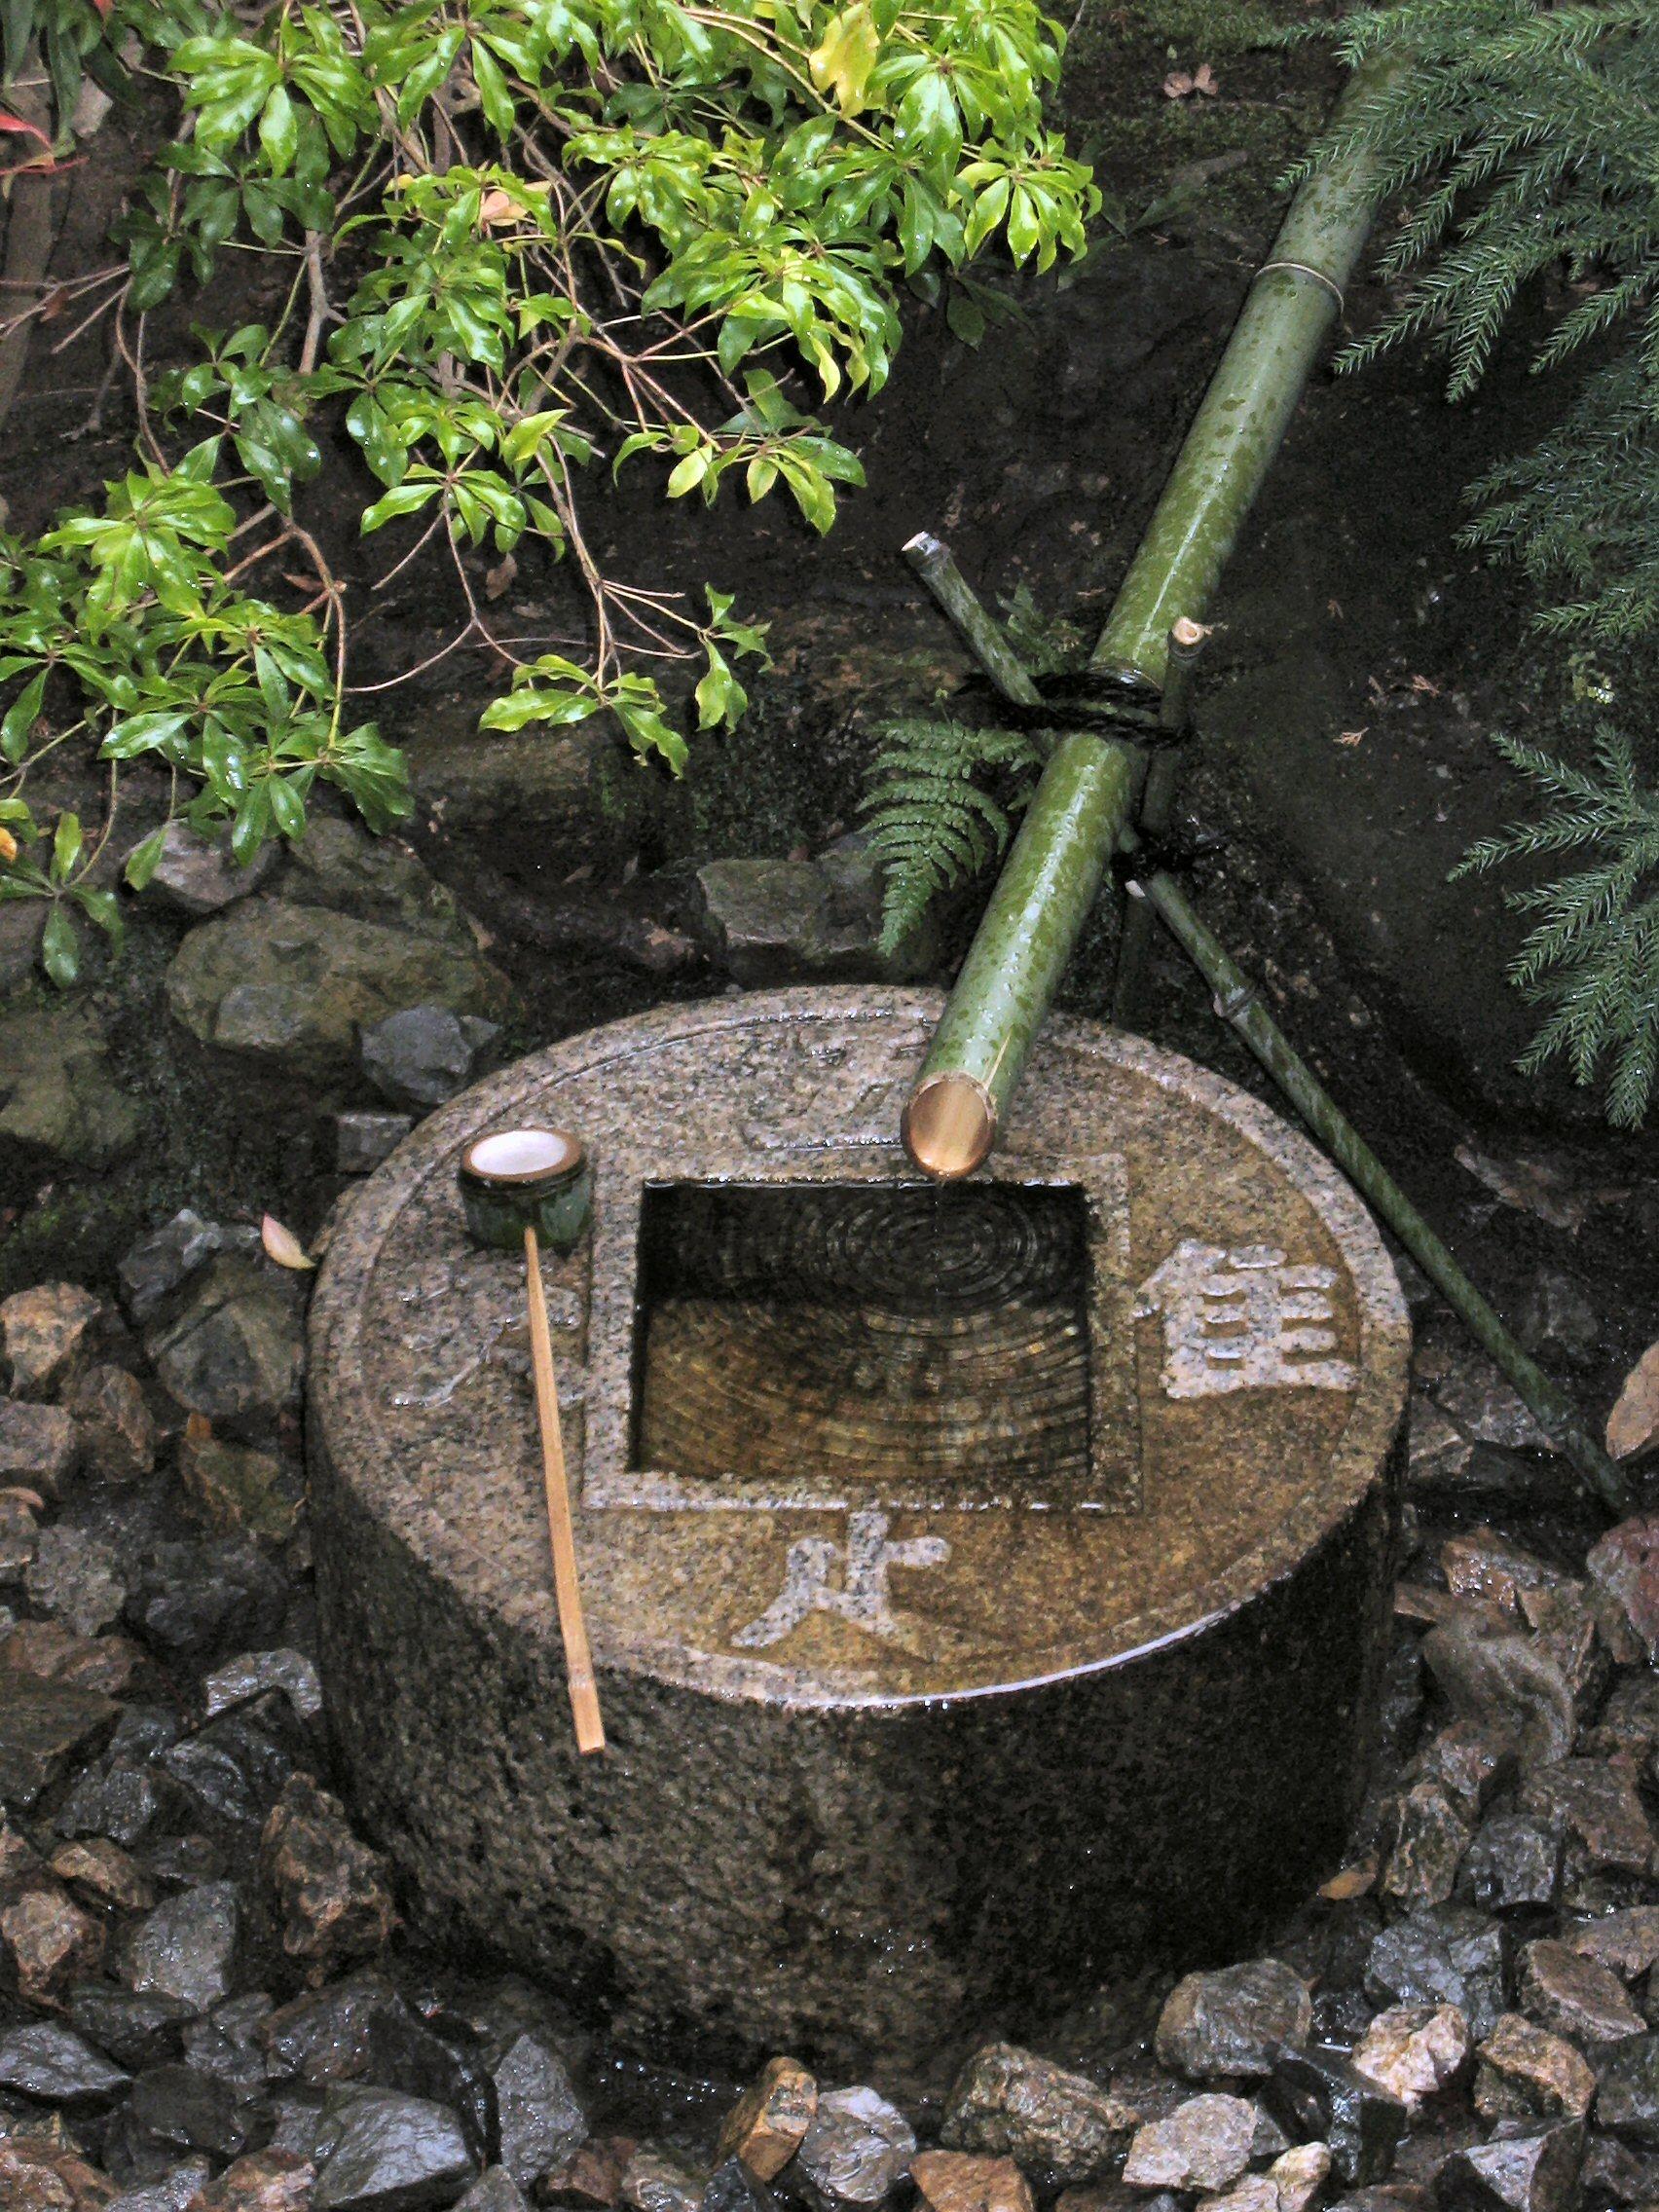 Tsukubai2.JPG (1704 × 2272)